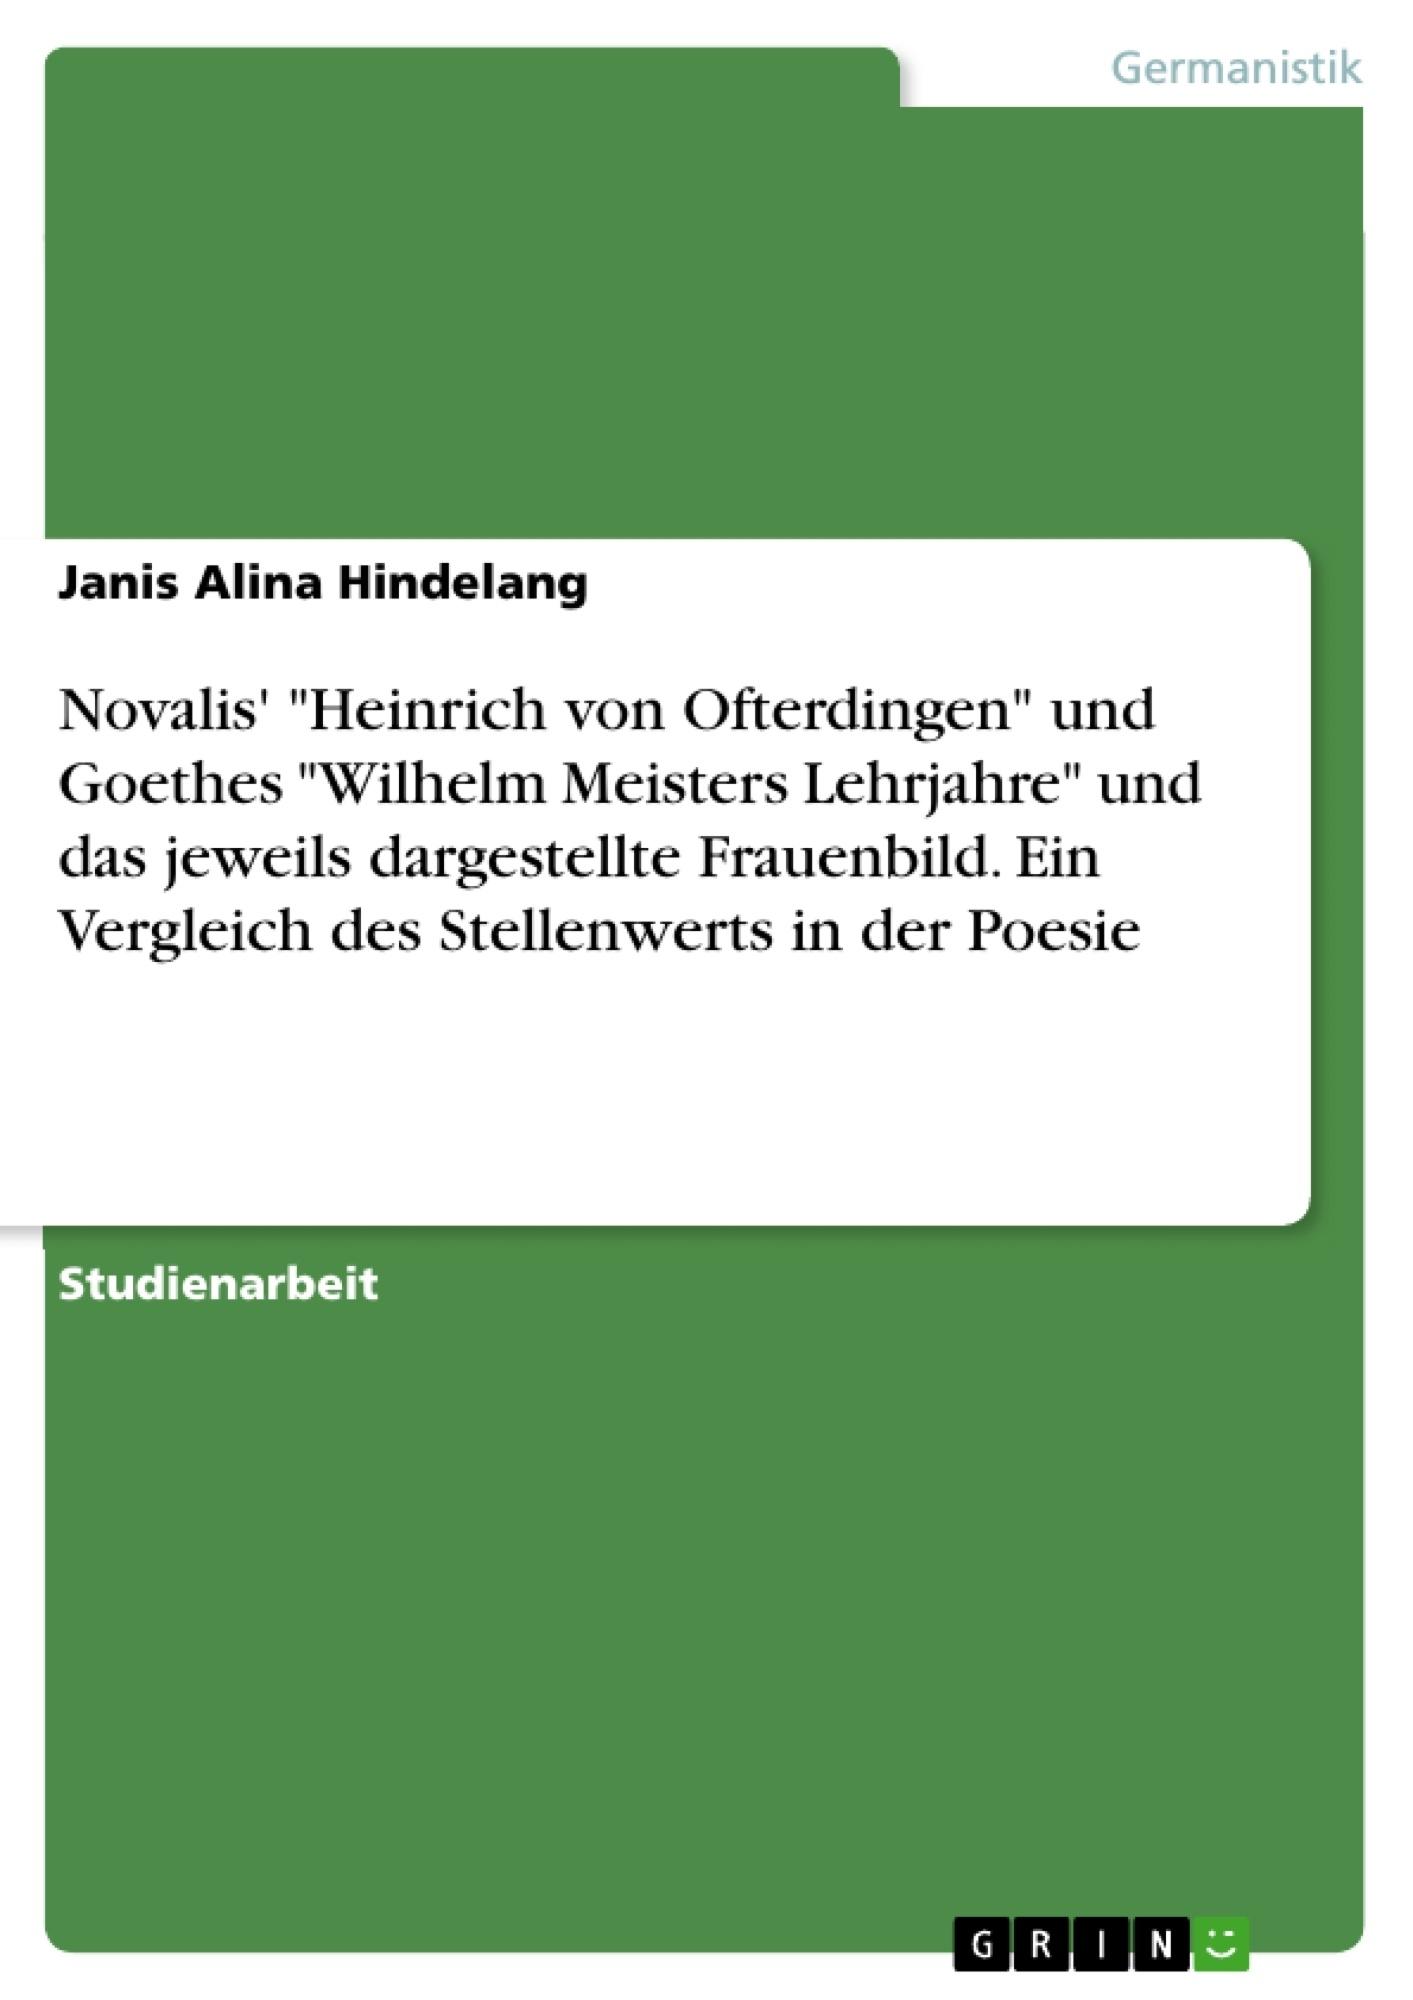 """Titel: Novalis' """"Heinrich von Ofterdingen"""" und Goethes """"Wilhelm Meisters Lehrjahre"""" und das jeweils dargestellte Frauenbild. Ein Vergleich des Stellenwerts in der Poesie"""